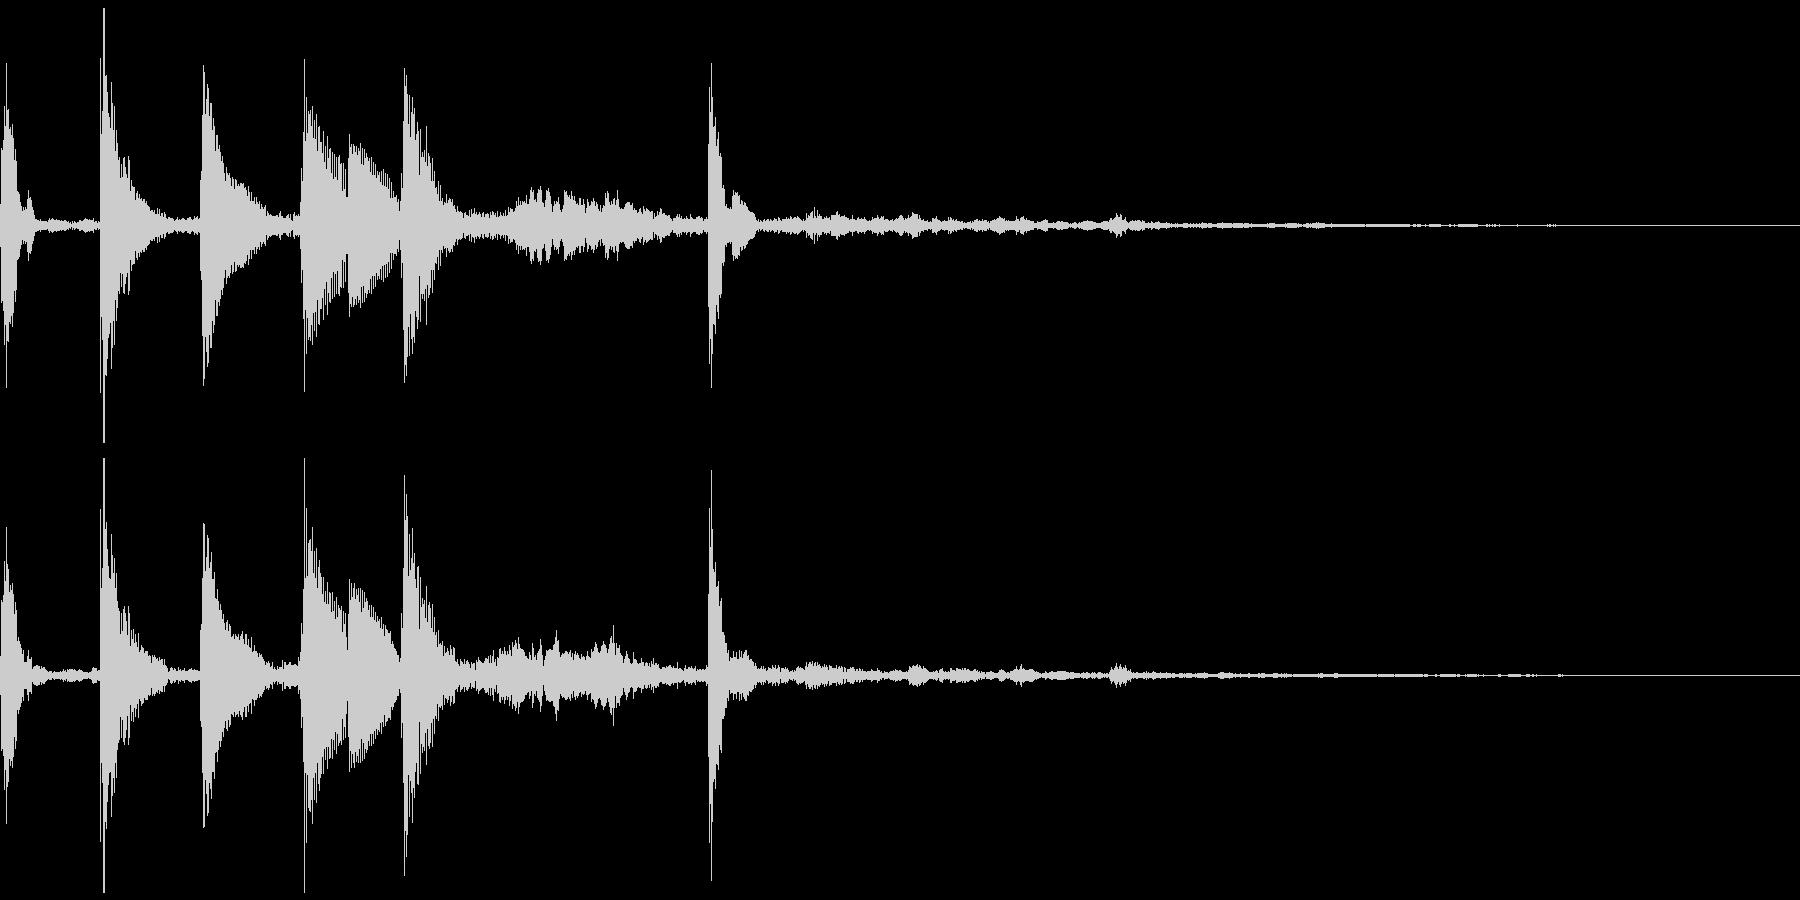 着信音風ジングル6の未再生の波形